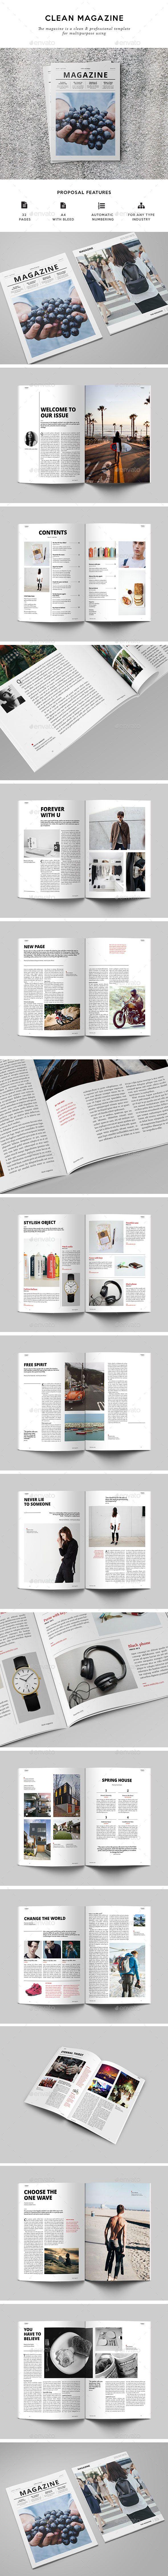 Multipurpose Magazine Template #indesign | Editorial | Pinterest ...